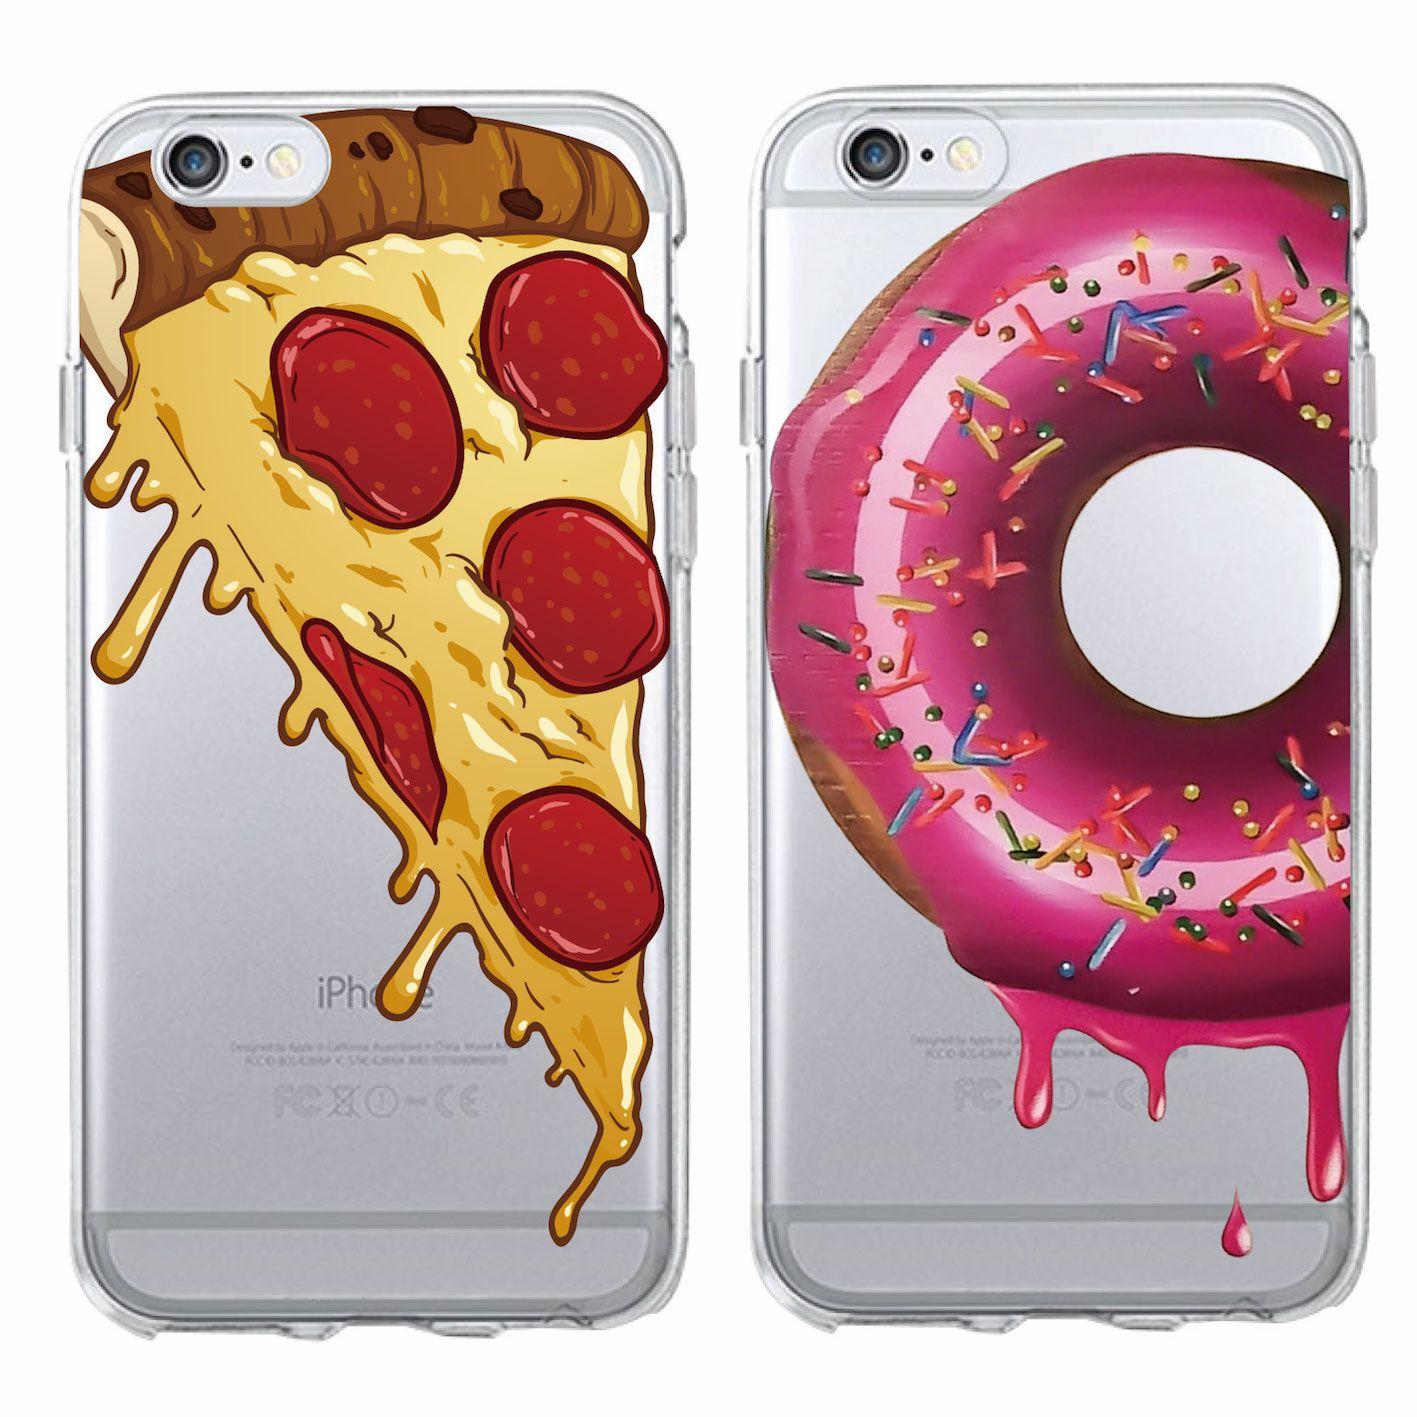 Mode Mignon Pizza Fromage Donuts Doux Téléphone Cas Coque Fundas Pour IPhone 6 6S 6 Plus 7 7 Plus 5 5S SE 5C Proposé Par Joancase2017, 0,69 € | ...